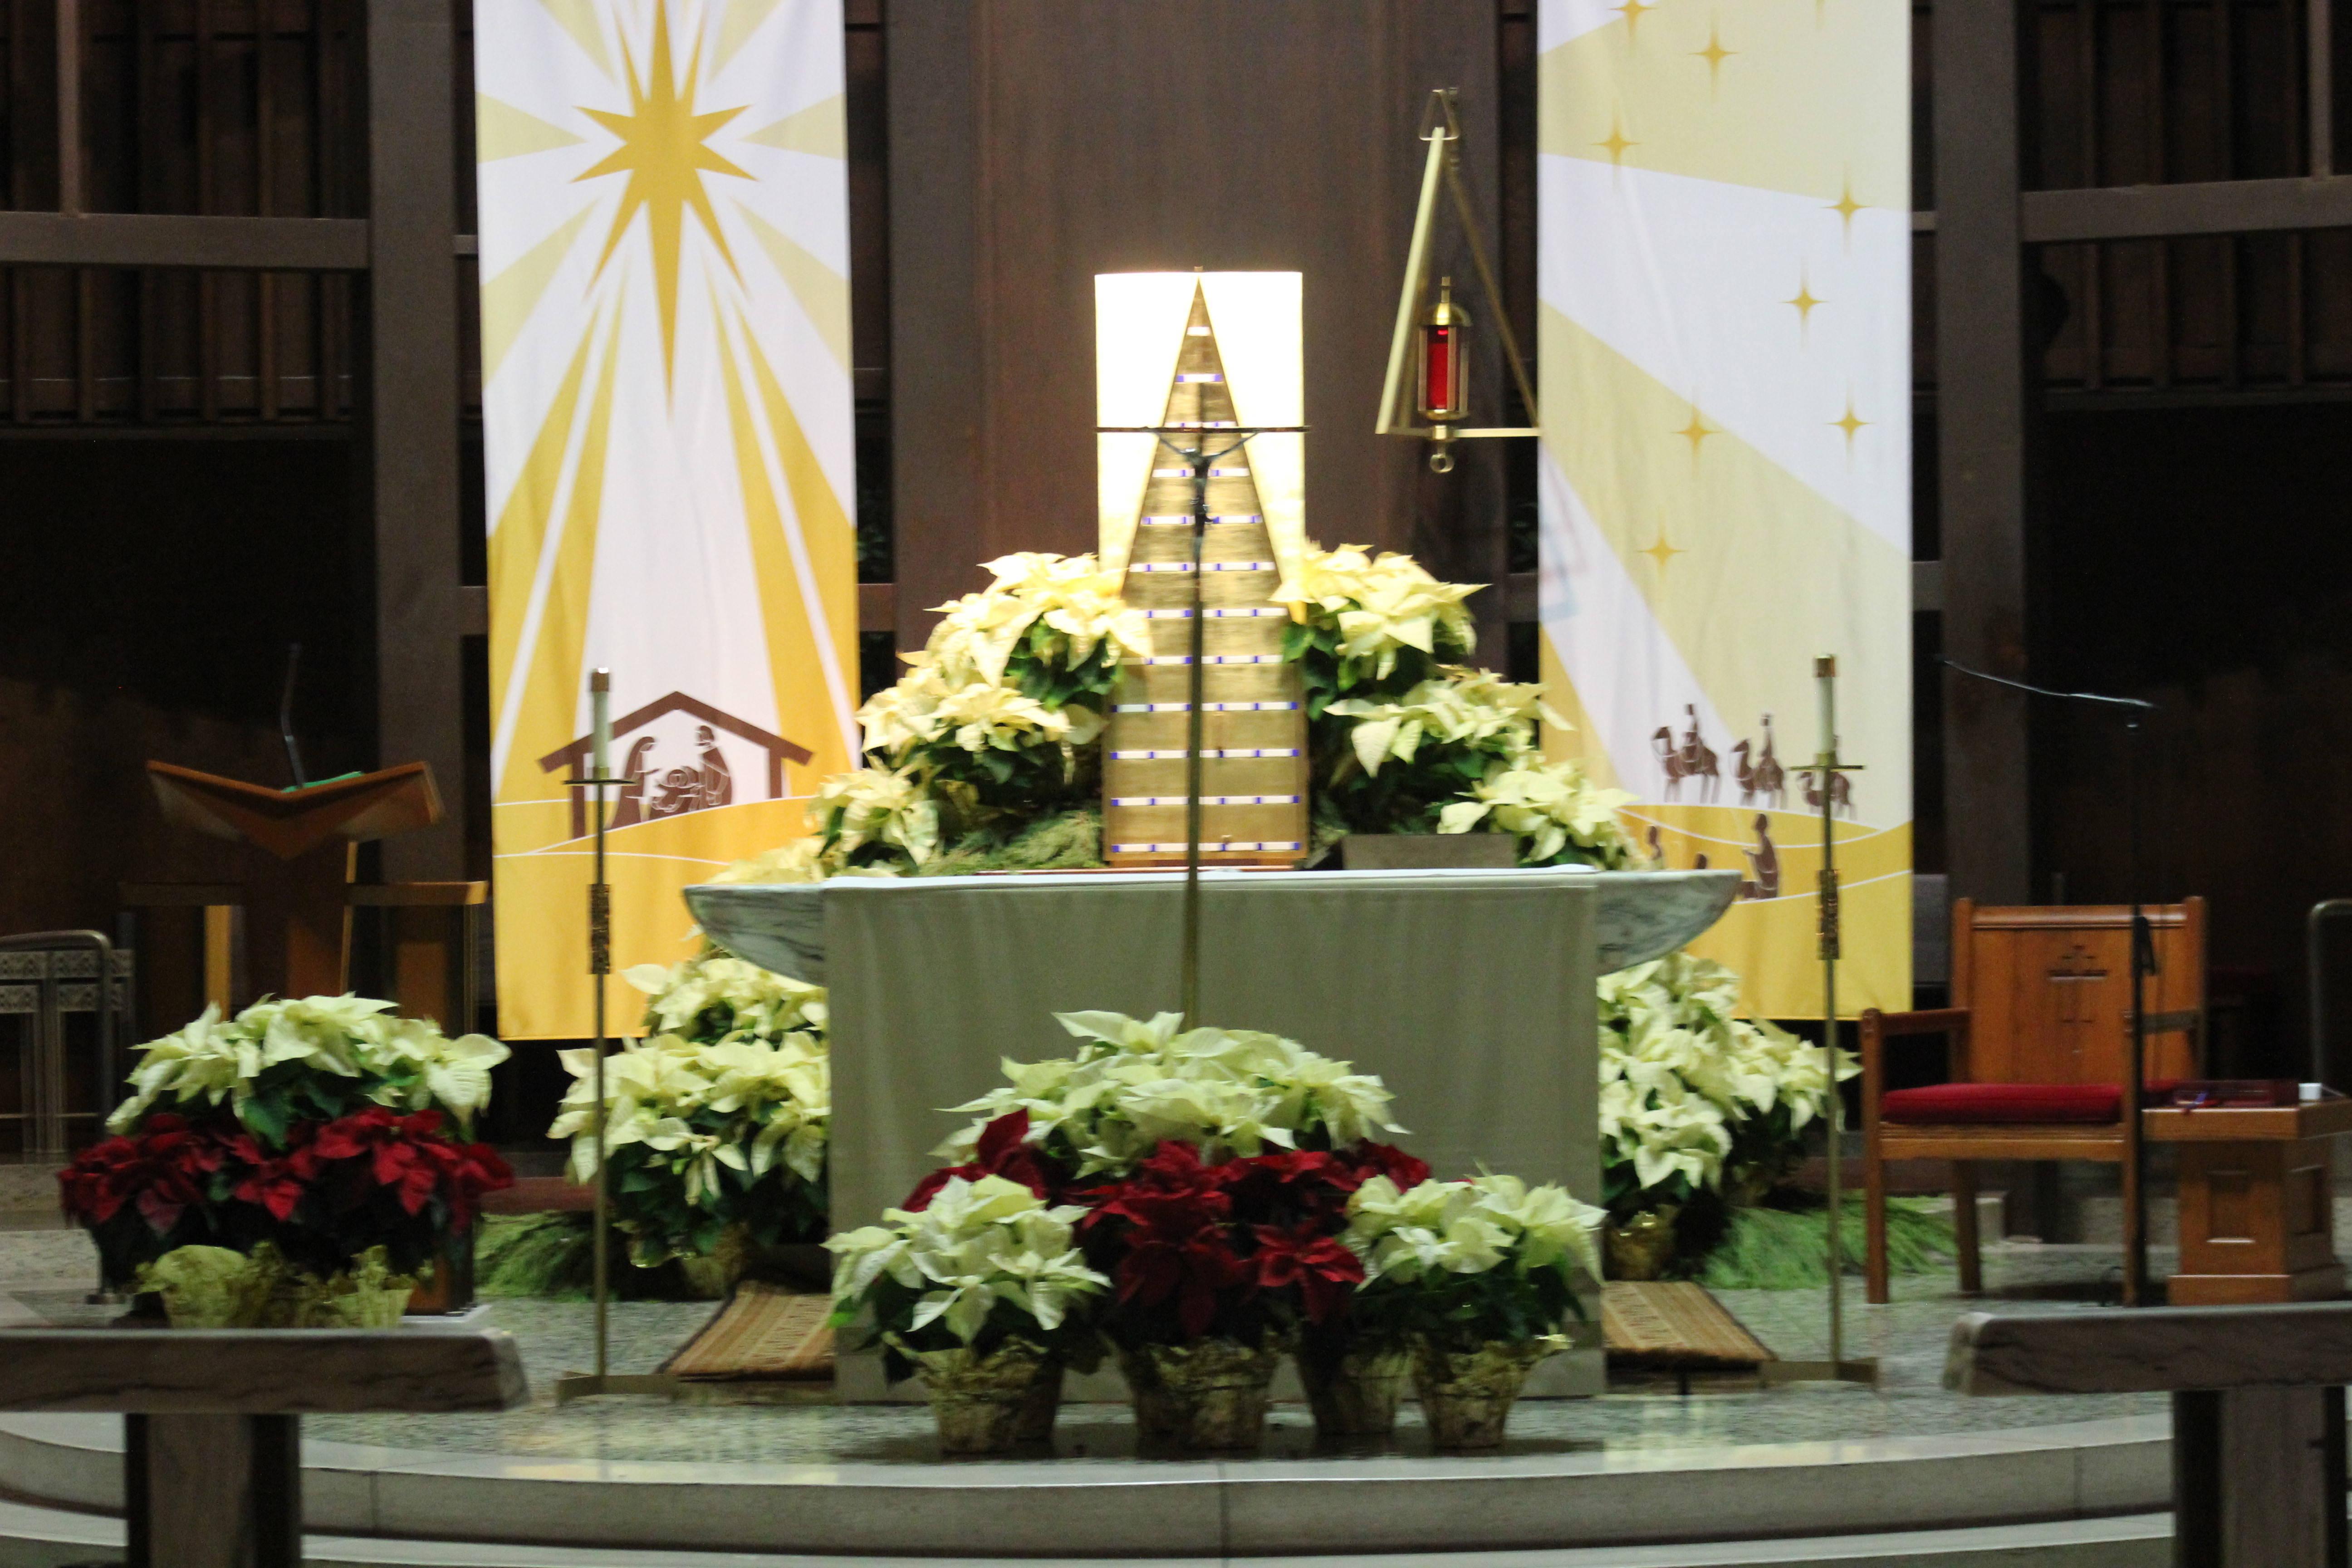 3b1b4c4dde1191f5e319_cca27339609a71038167_altar_christmas.JPG